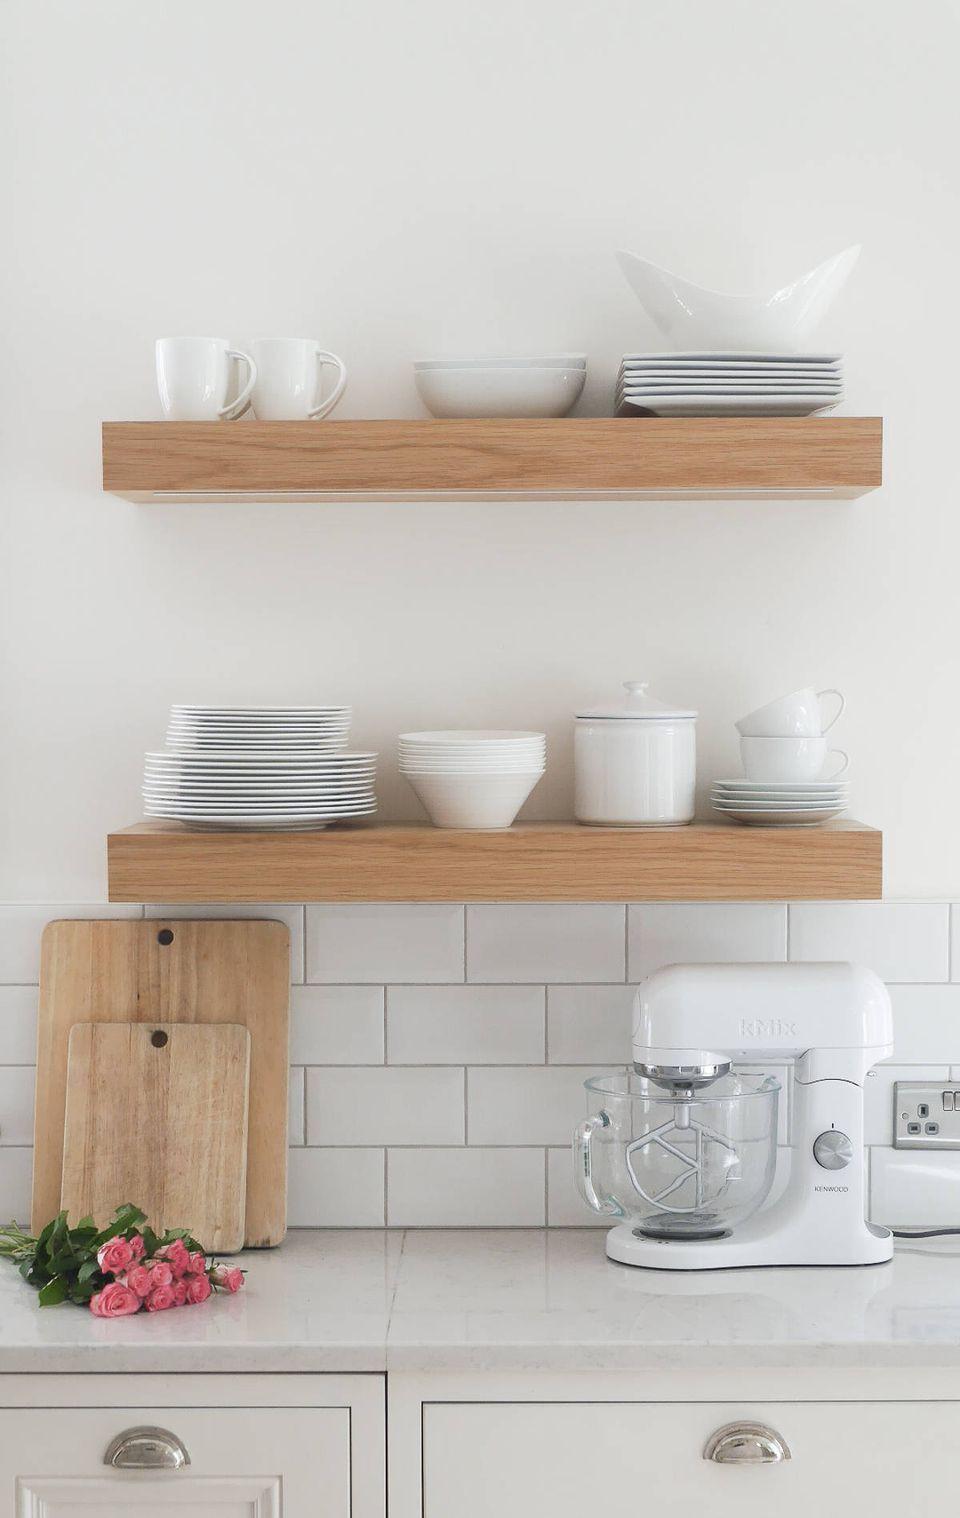 حيل لترتيب المنزل - استخدام الأرفف لتنظيم أدوات المطبخ